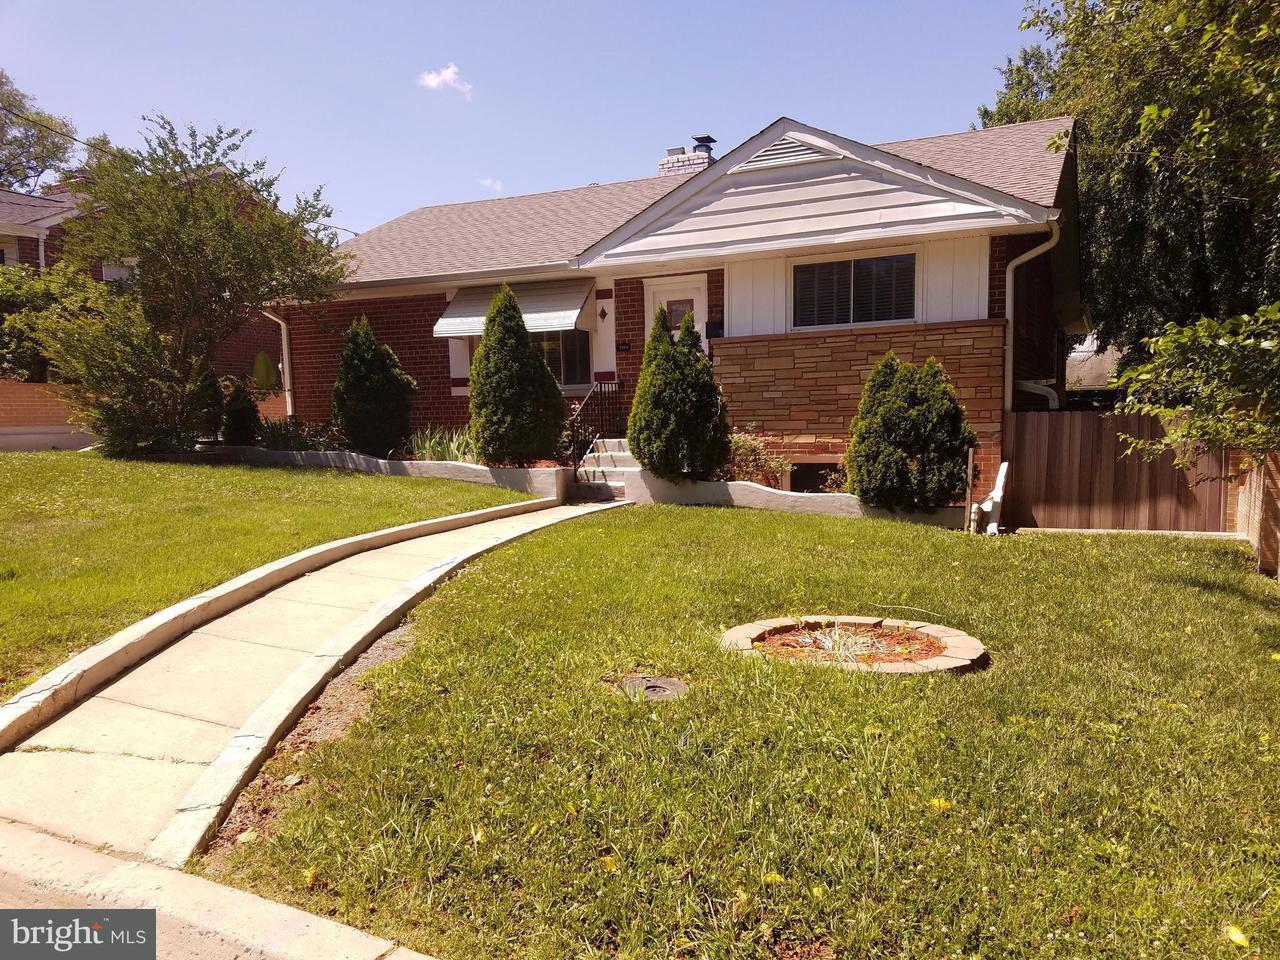 Single Family Home for Sale at 7904 COLE Avenue 7904 COLE Avenue Takoma Park, Maryland 20912 United States